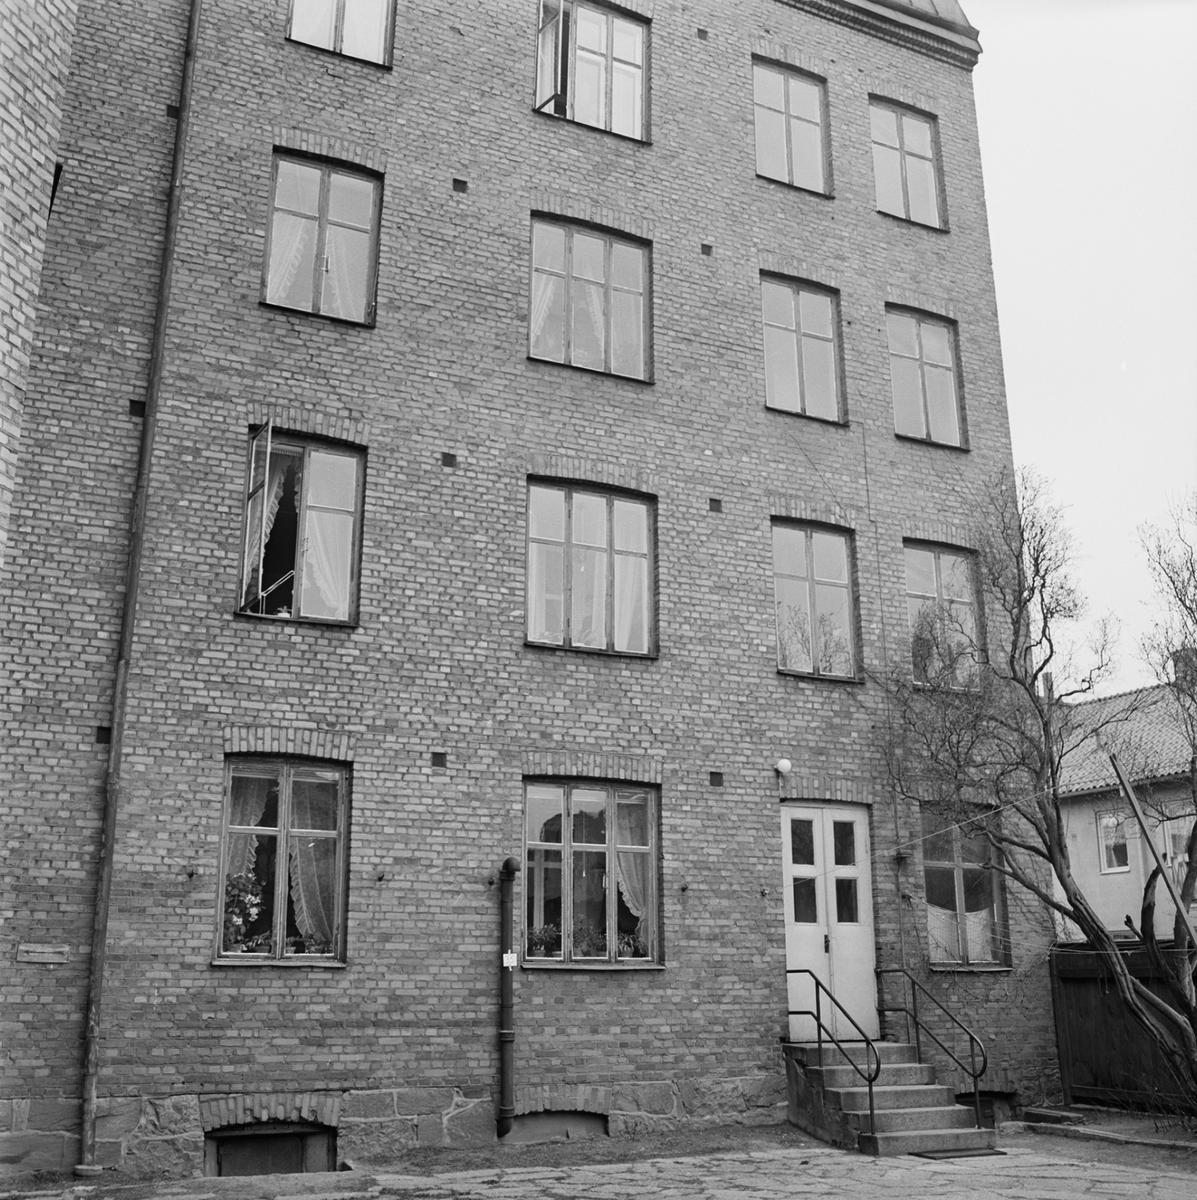 Övrigt: Fotodatum 21/4 1965 Byggnader och Kranar Kvarteret Pollux